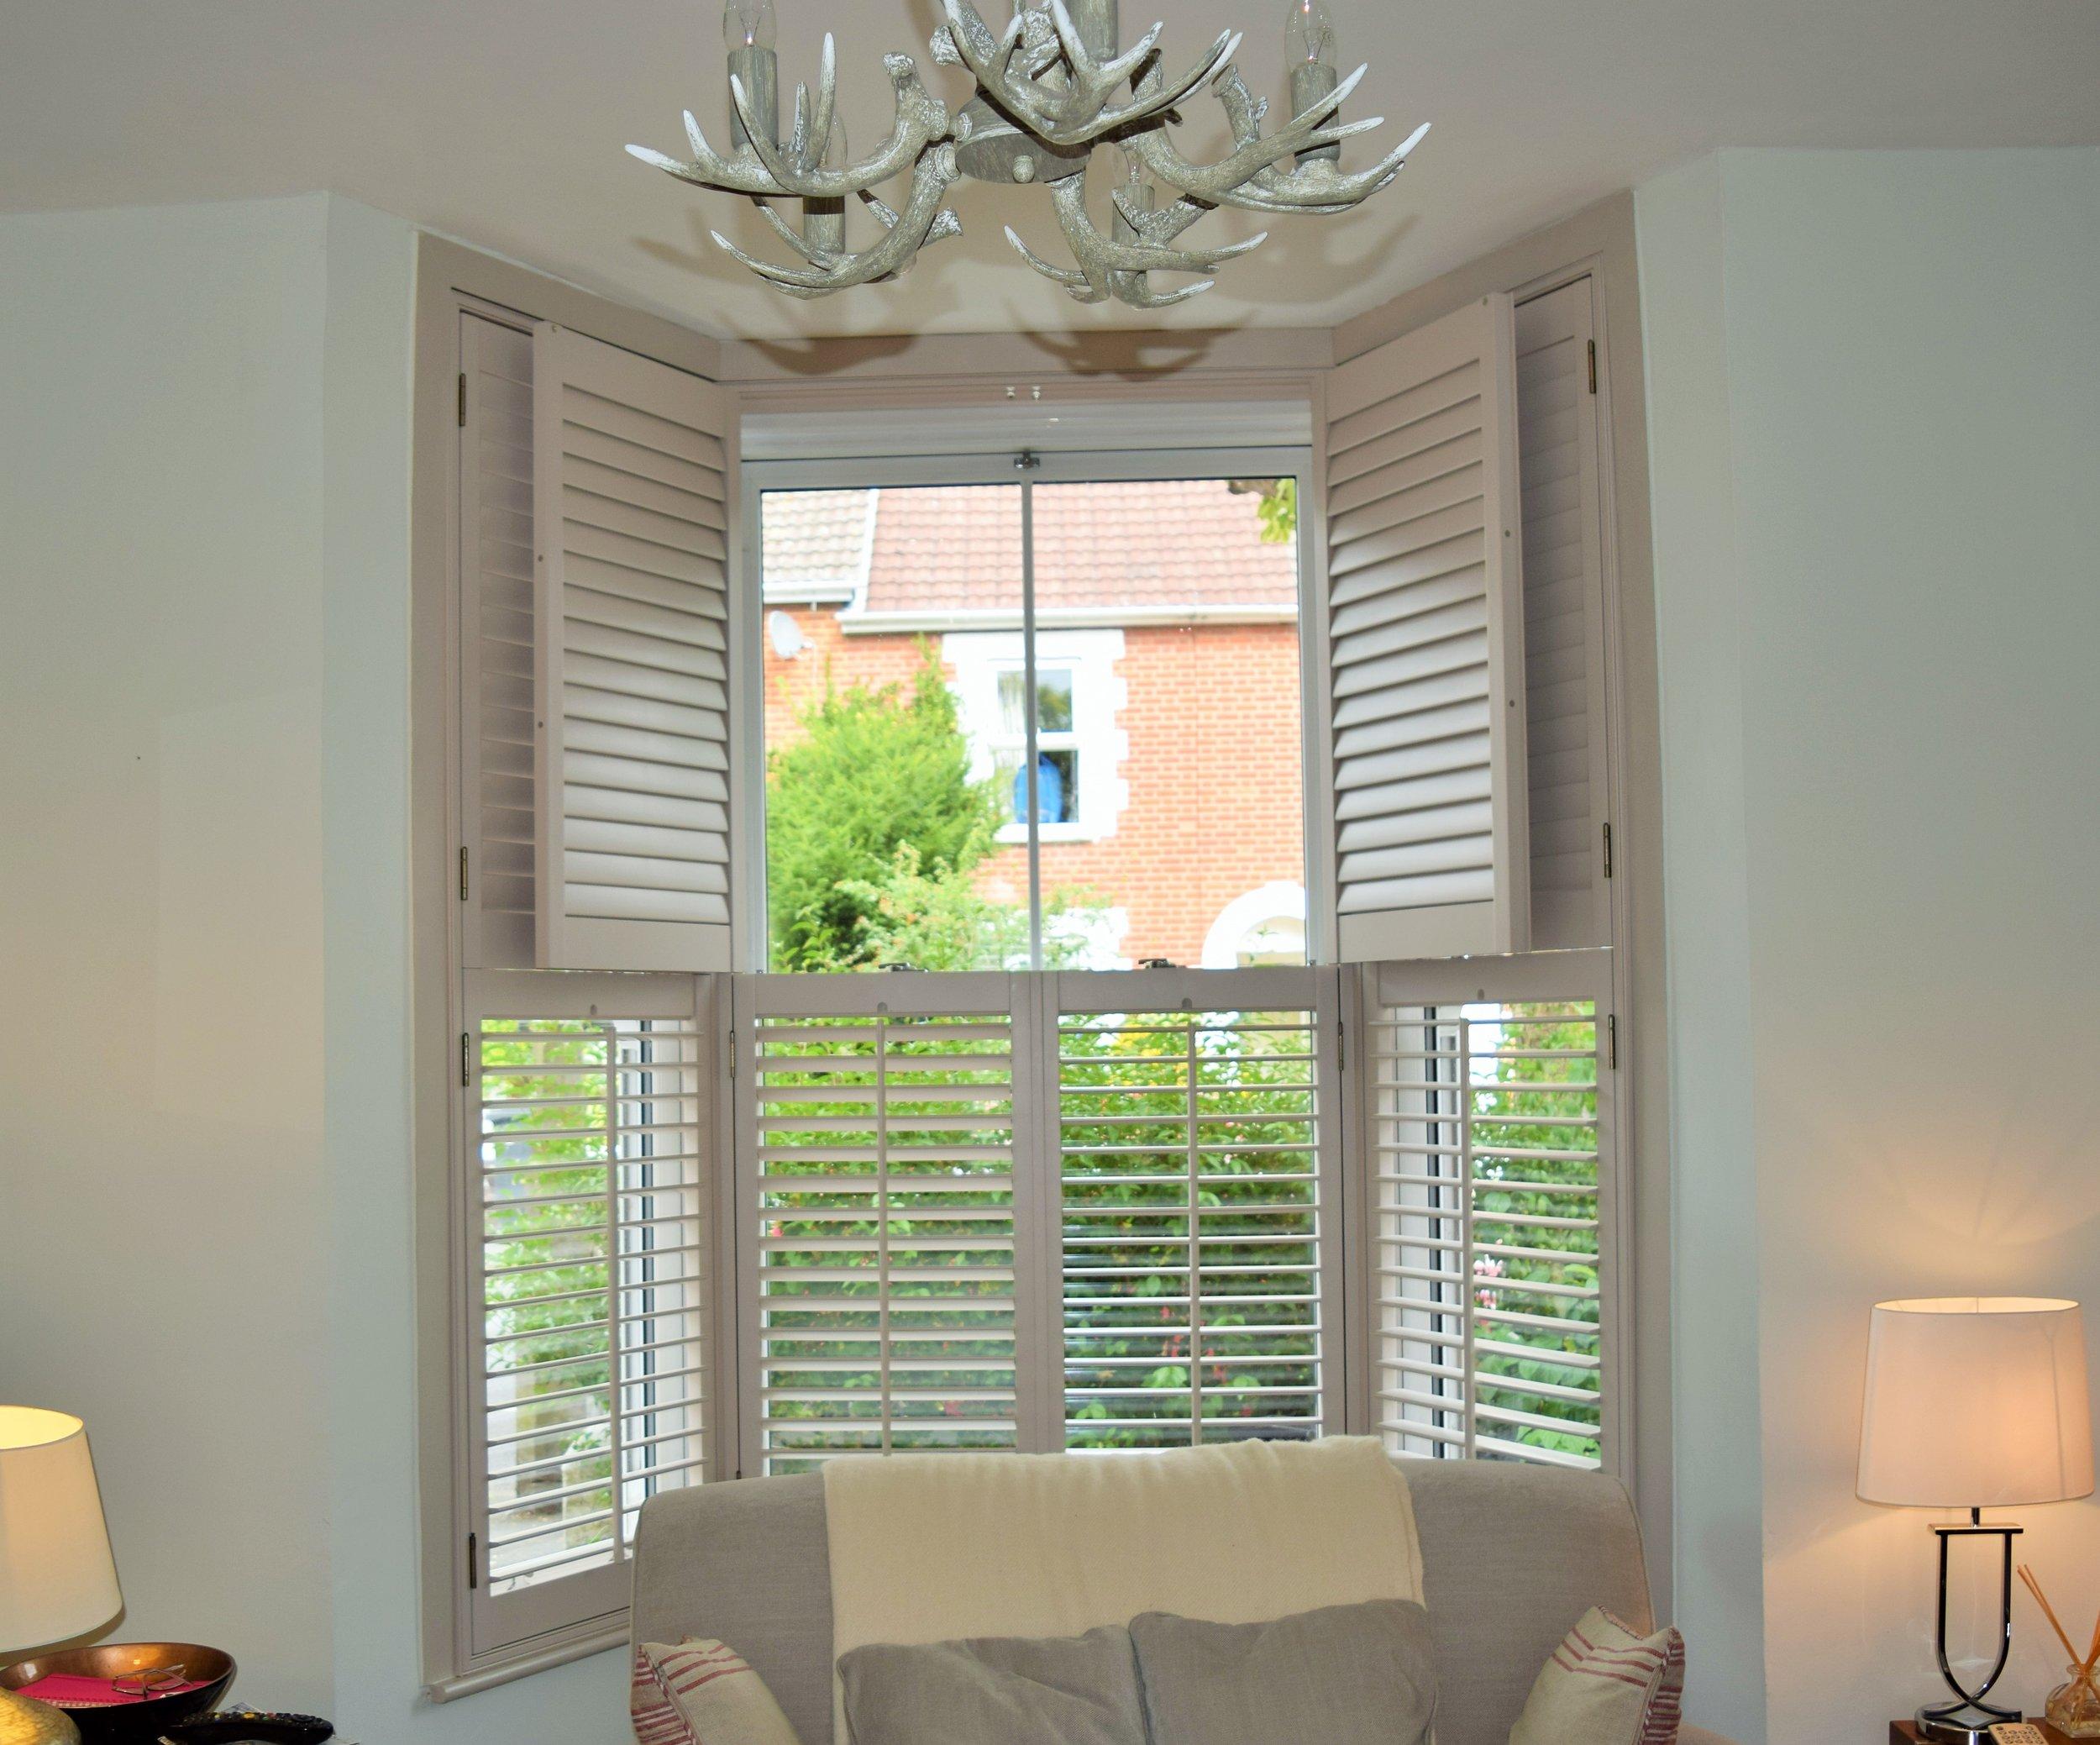 Tier on tier bay window plantation shutters Salisbury